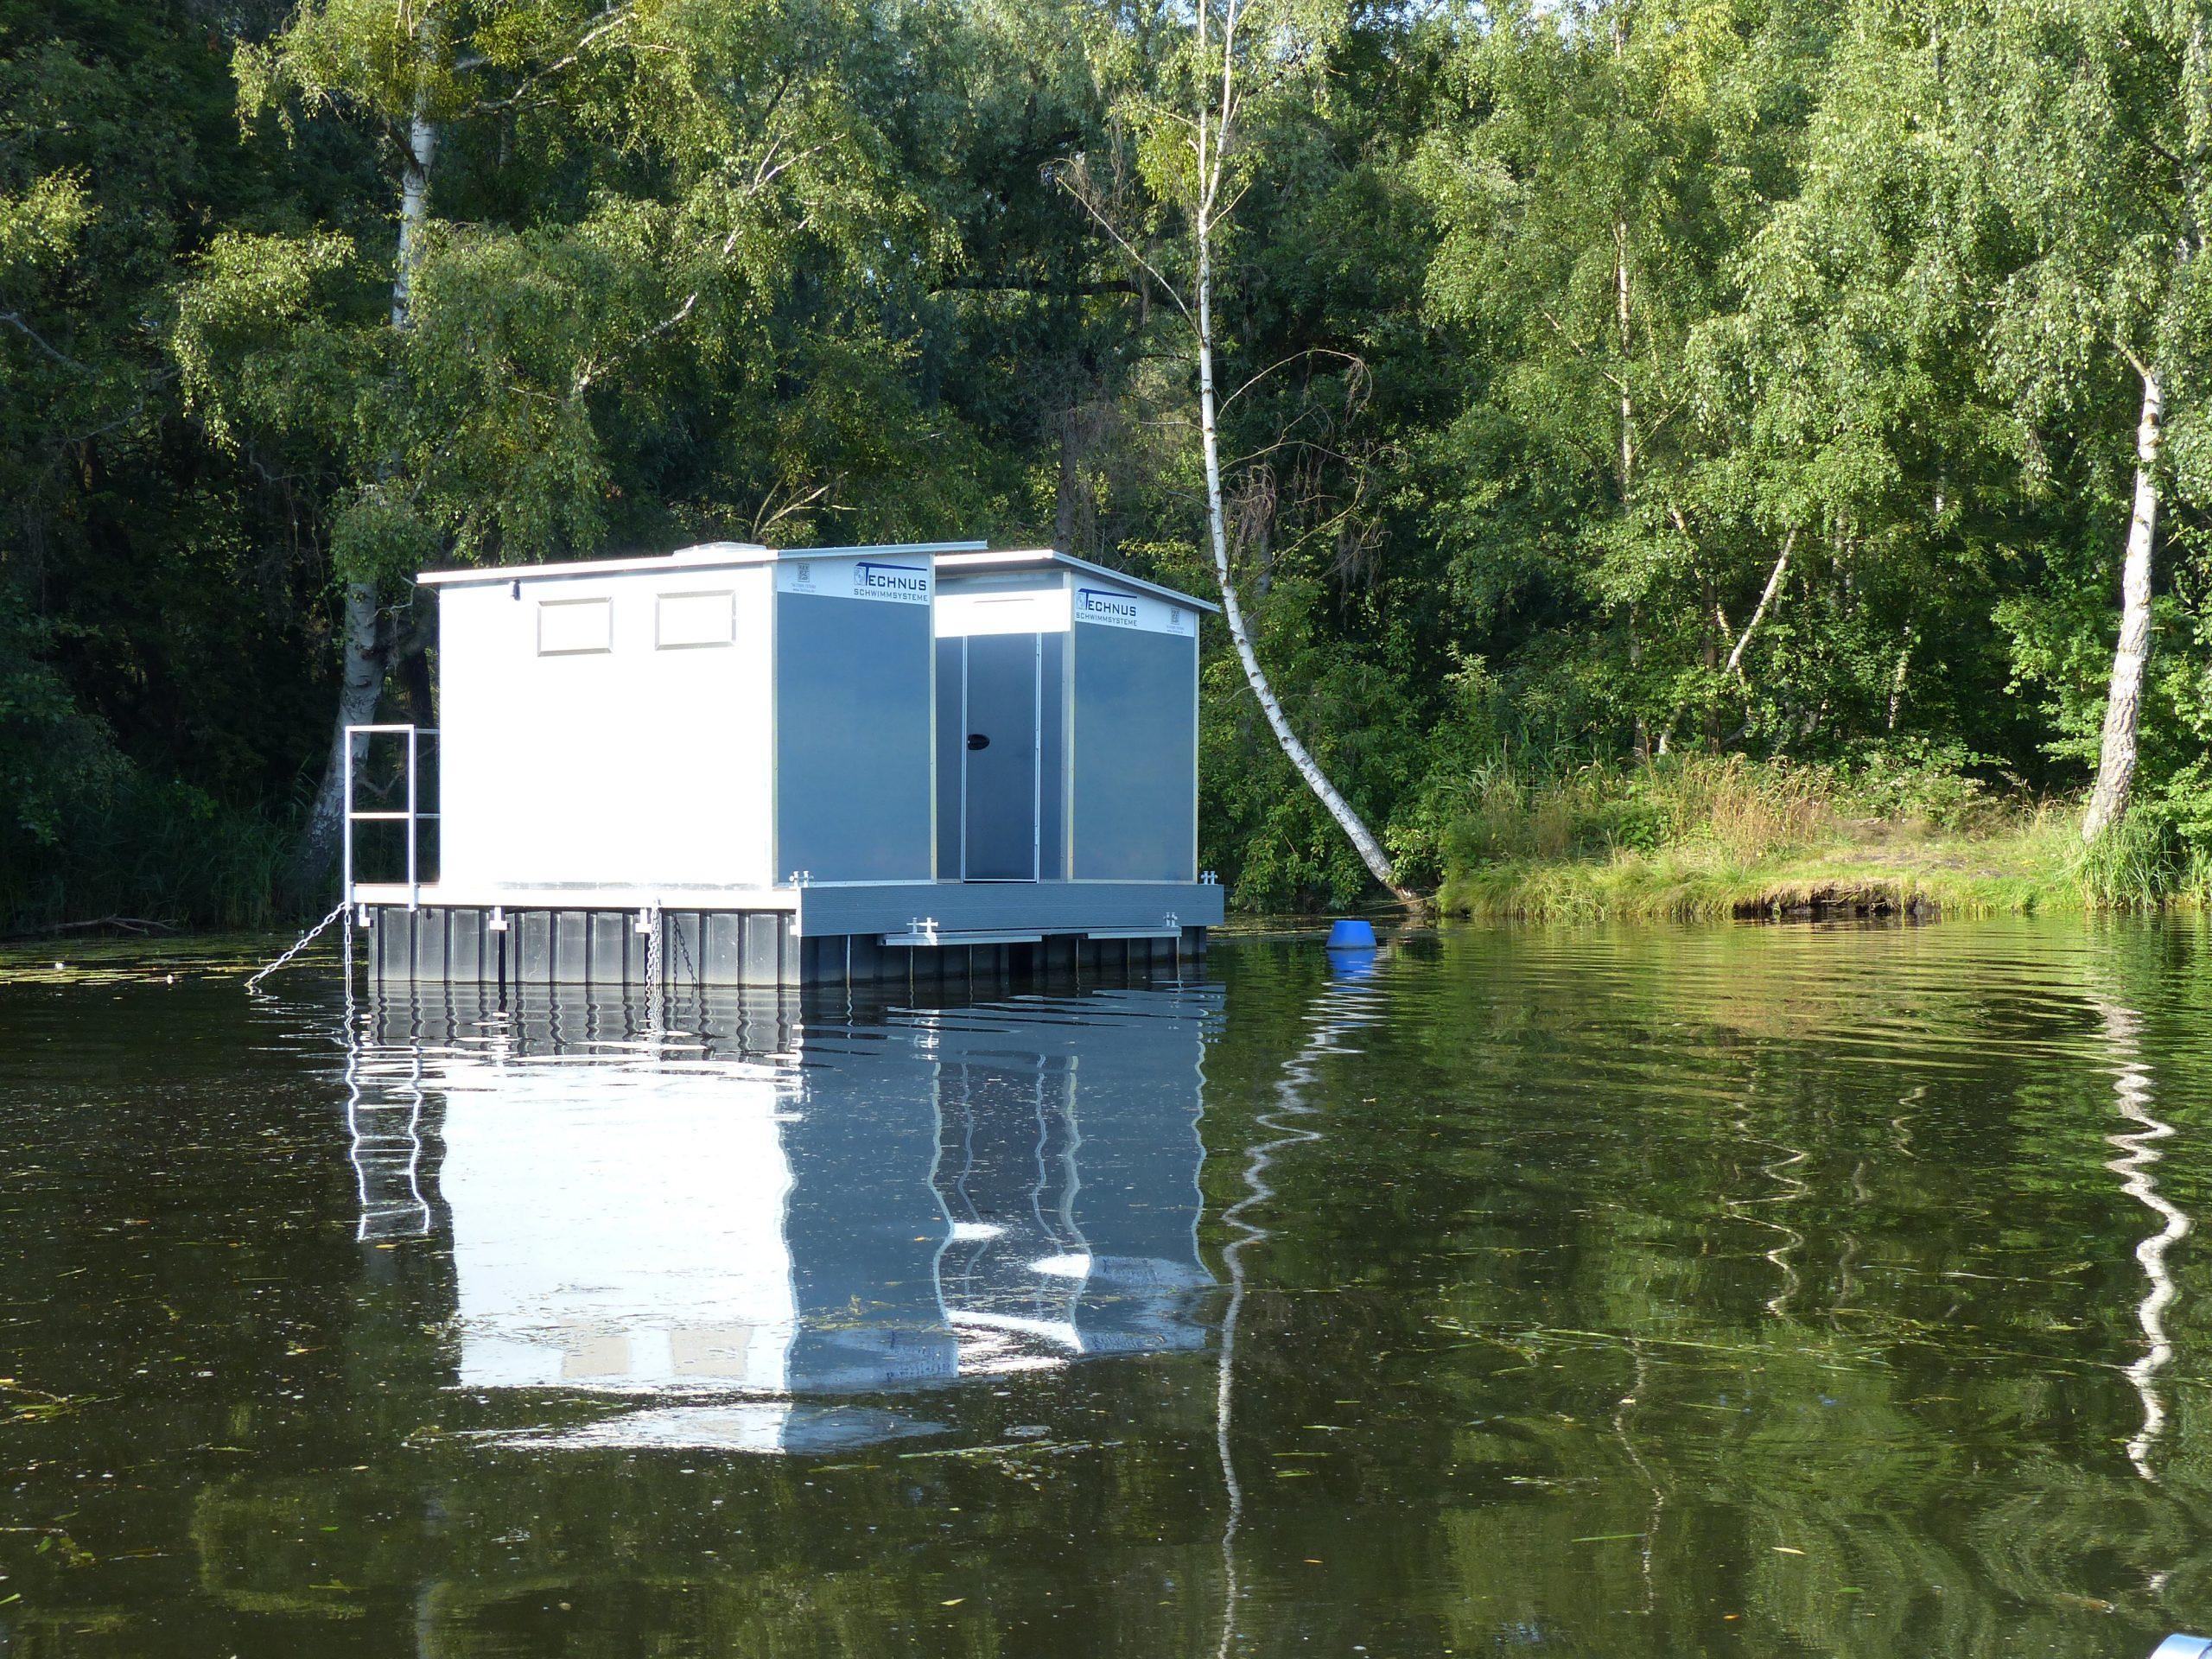 Eine Schwimminsel im Kanal mit beidseitig platzierten Toiletten